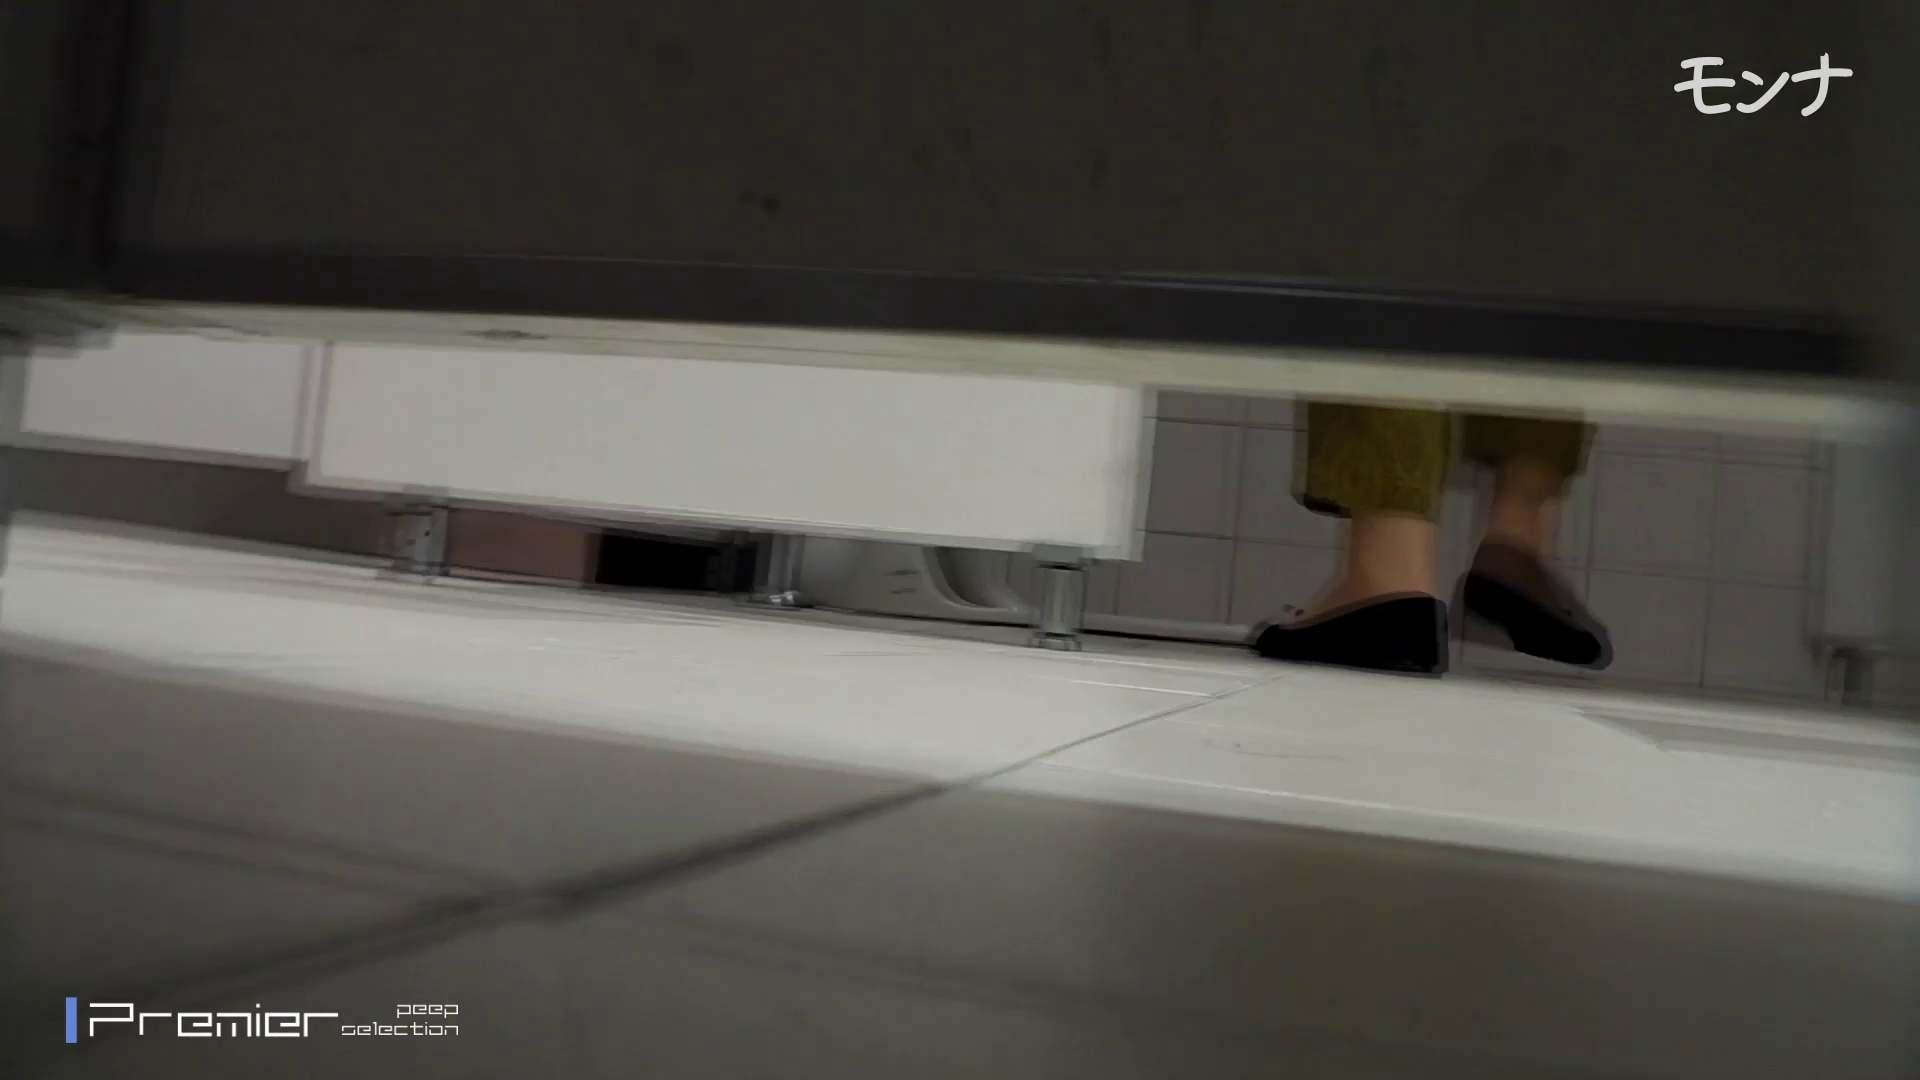 美しい日本の未来 No.55 普通の子たちの日常調長身あり セックス オマンコ無修正動画無料 104pic 89